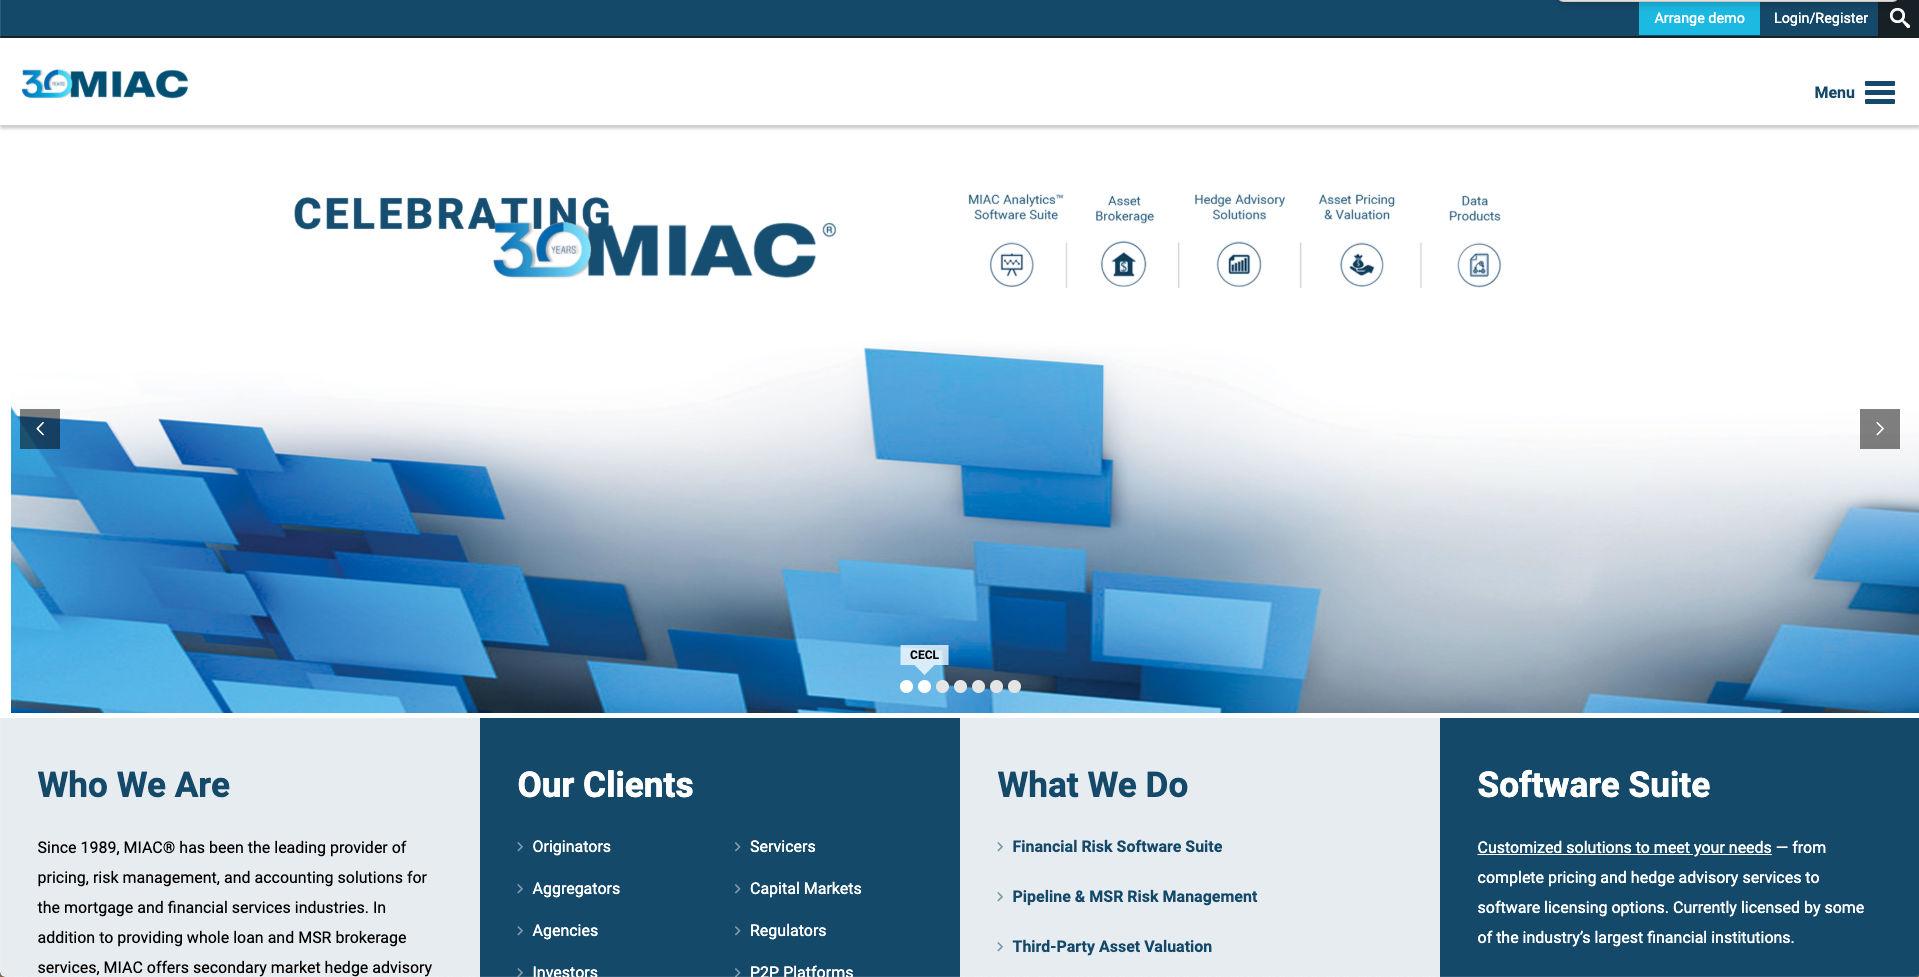 MIAC Analytics